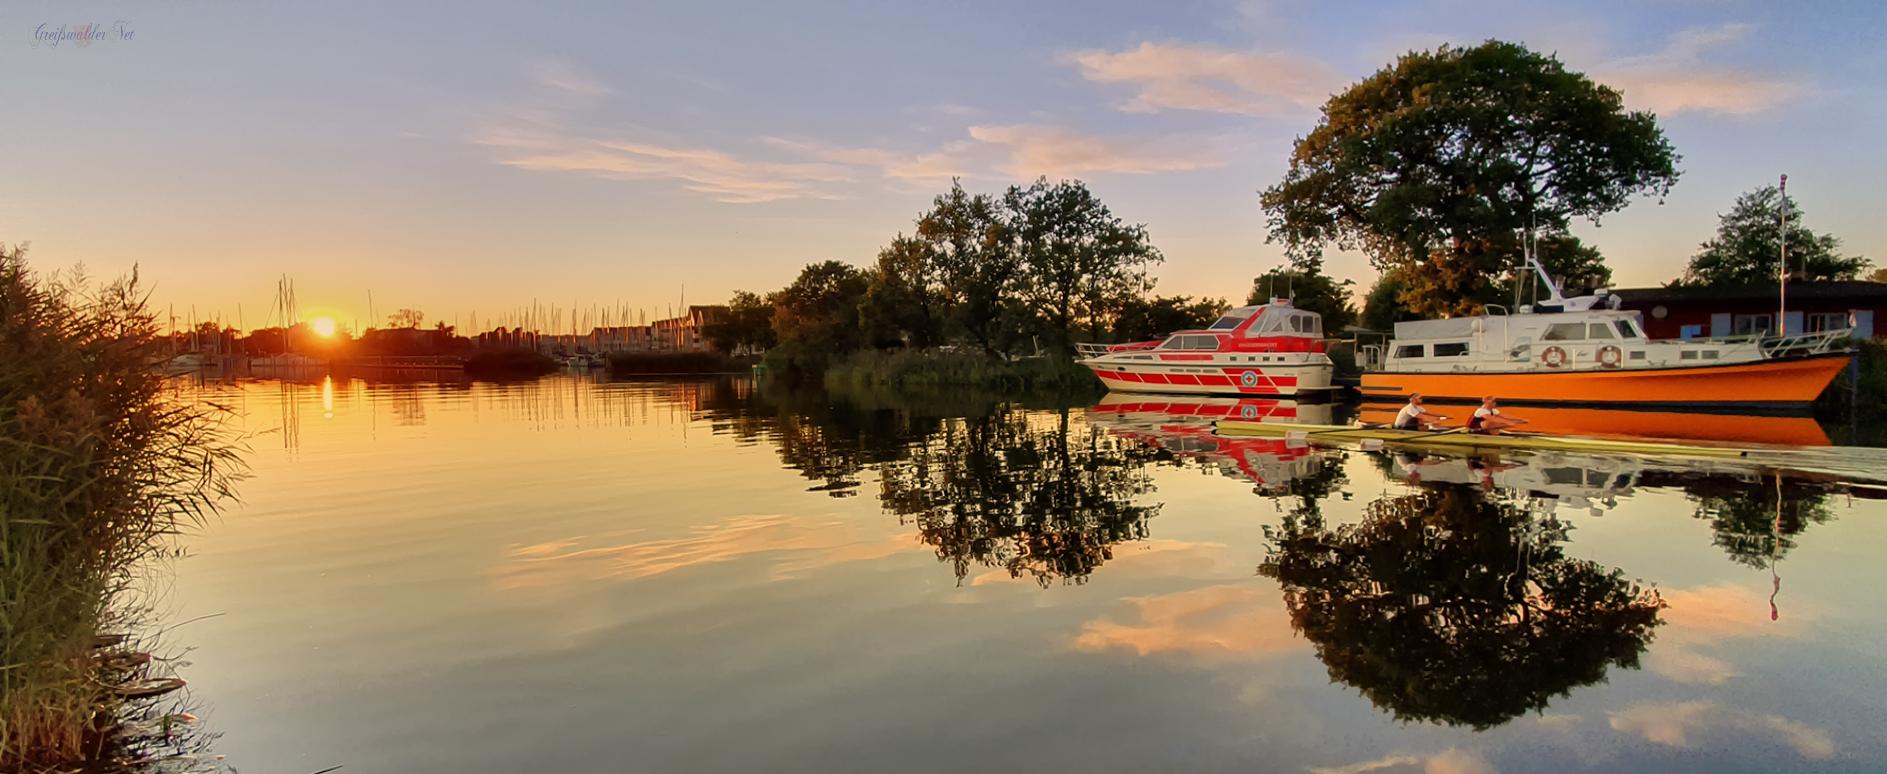 Sonnenuntergang am Ryck in Greifswald